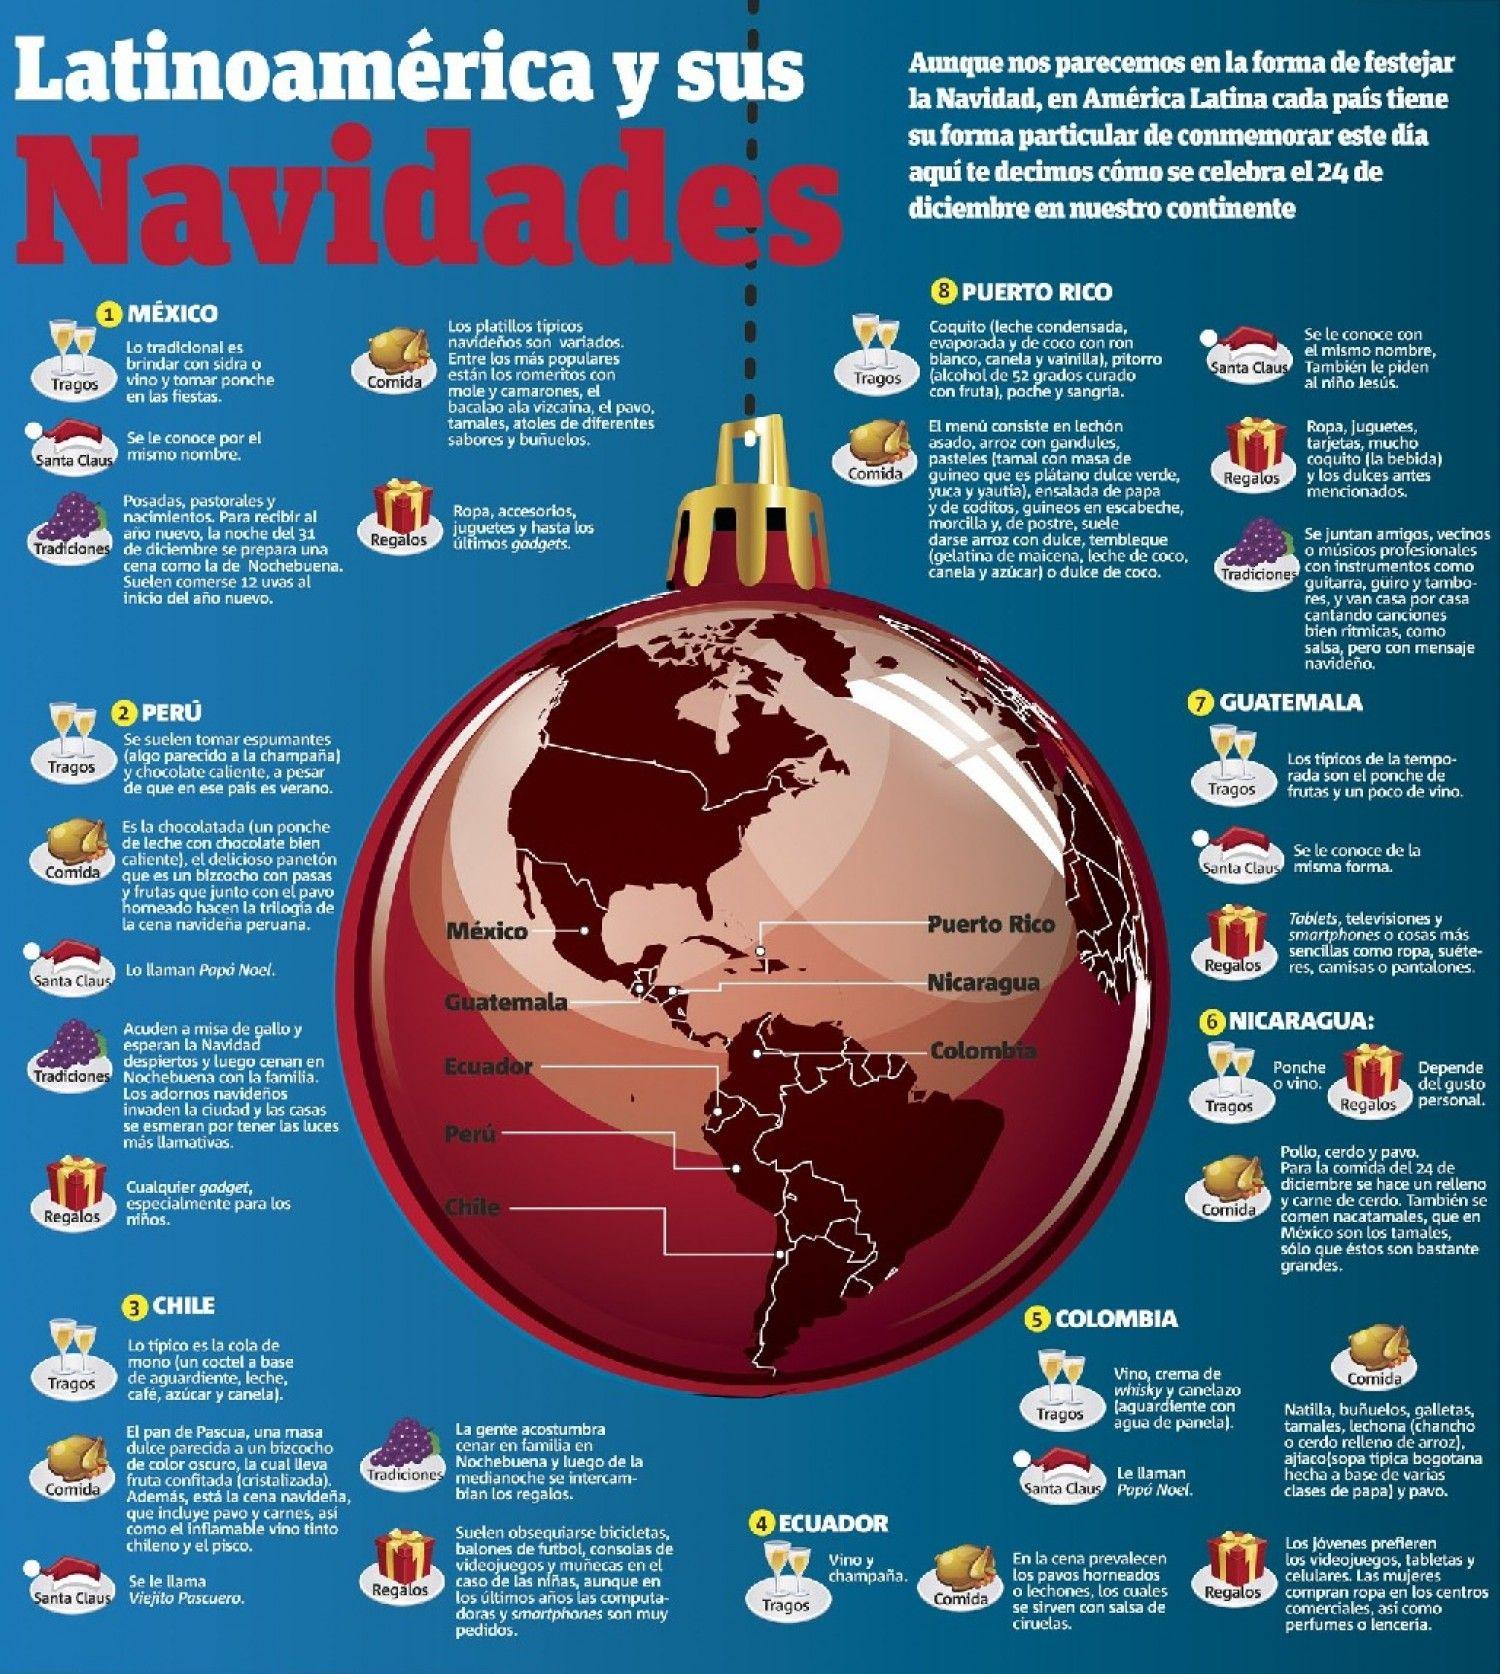 Como Se Celebra La Navidad En Algunos Paises De America Latina Infographic